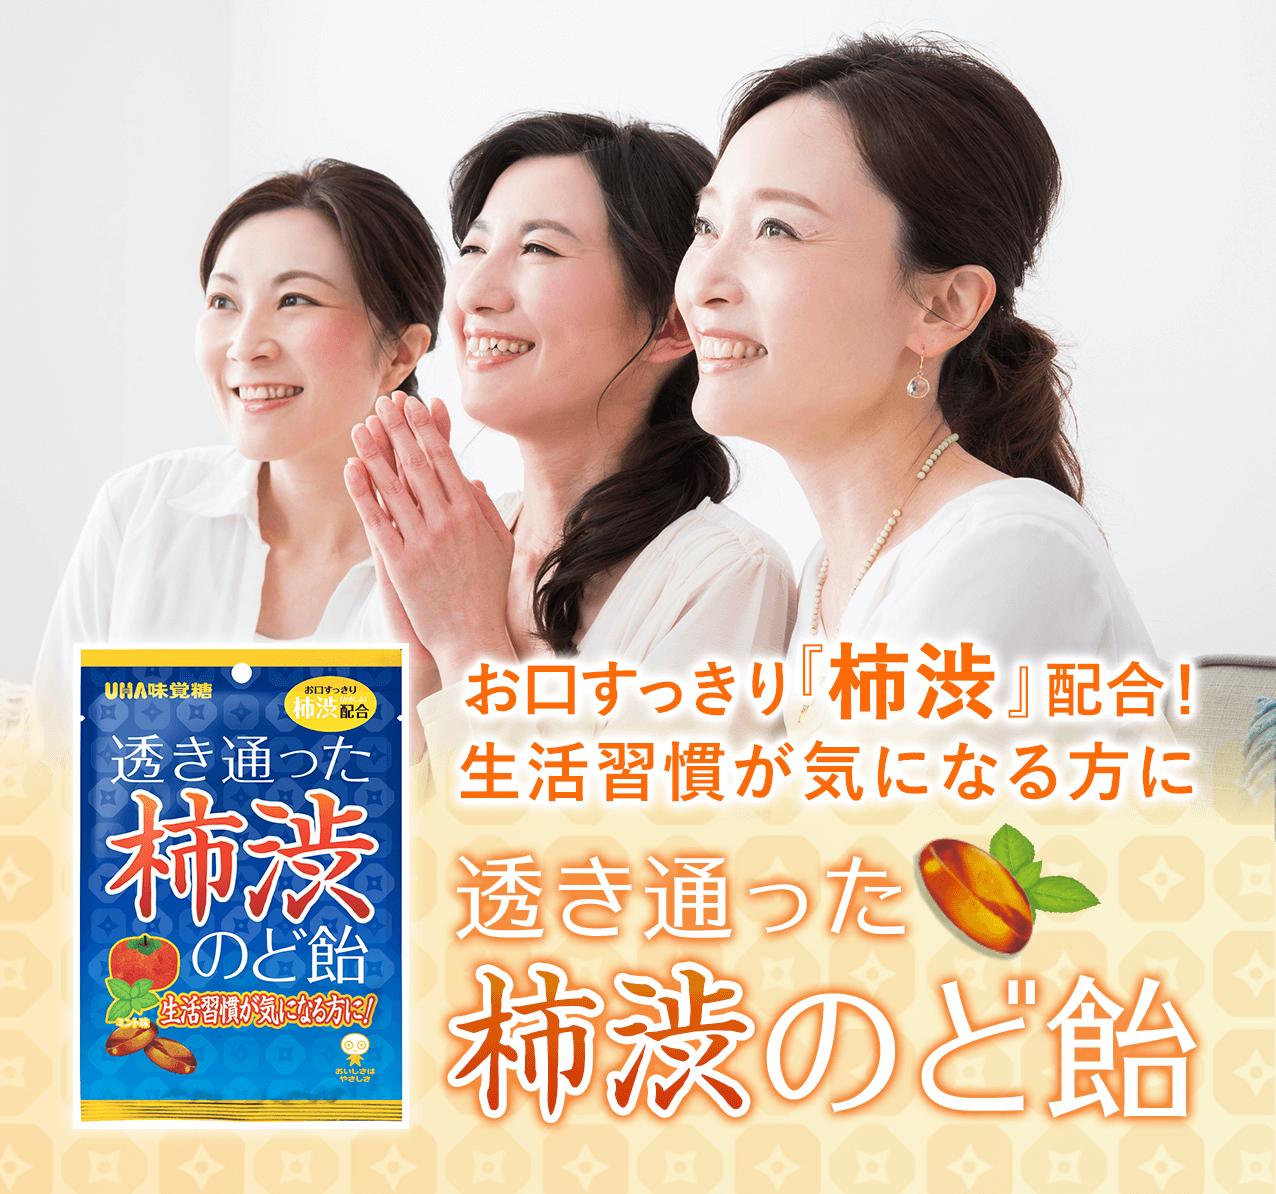 お口すっきり「柿渋」配合!生活習慣が気になる方に 透き通った柿渋のど飴